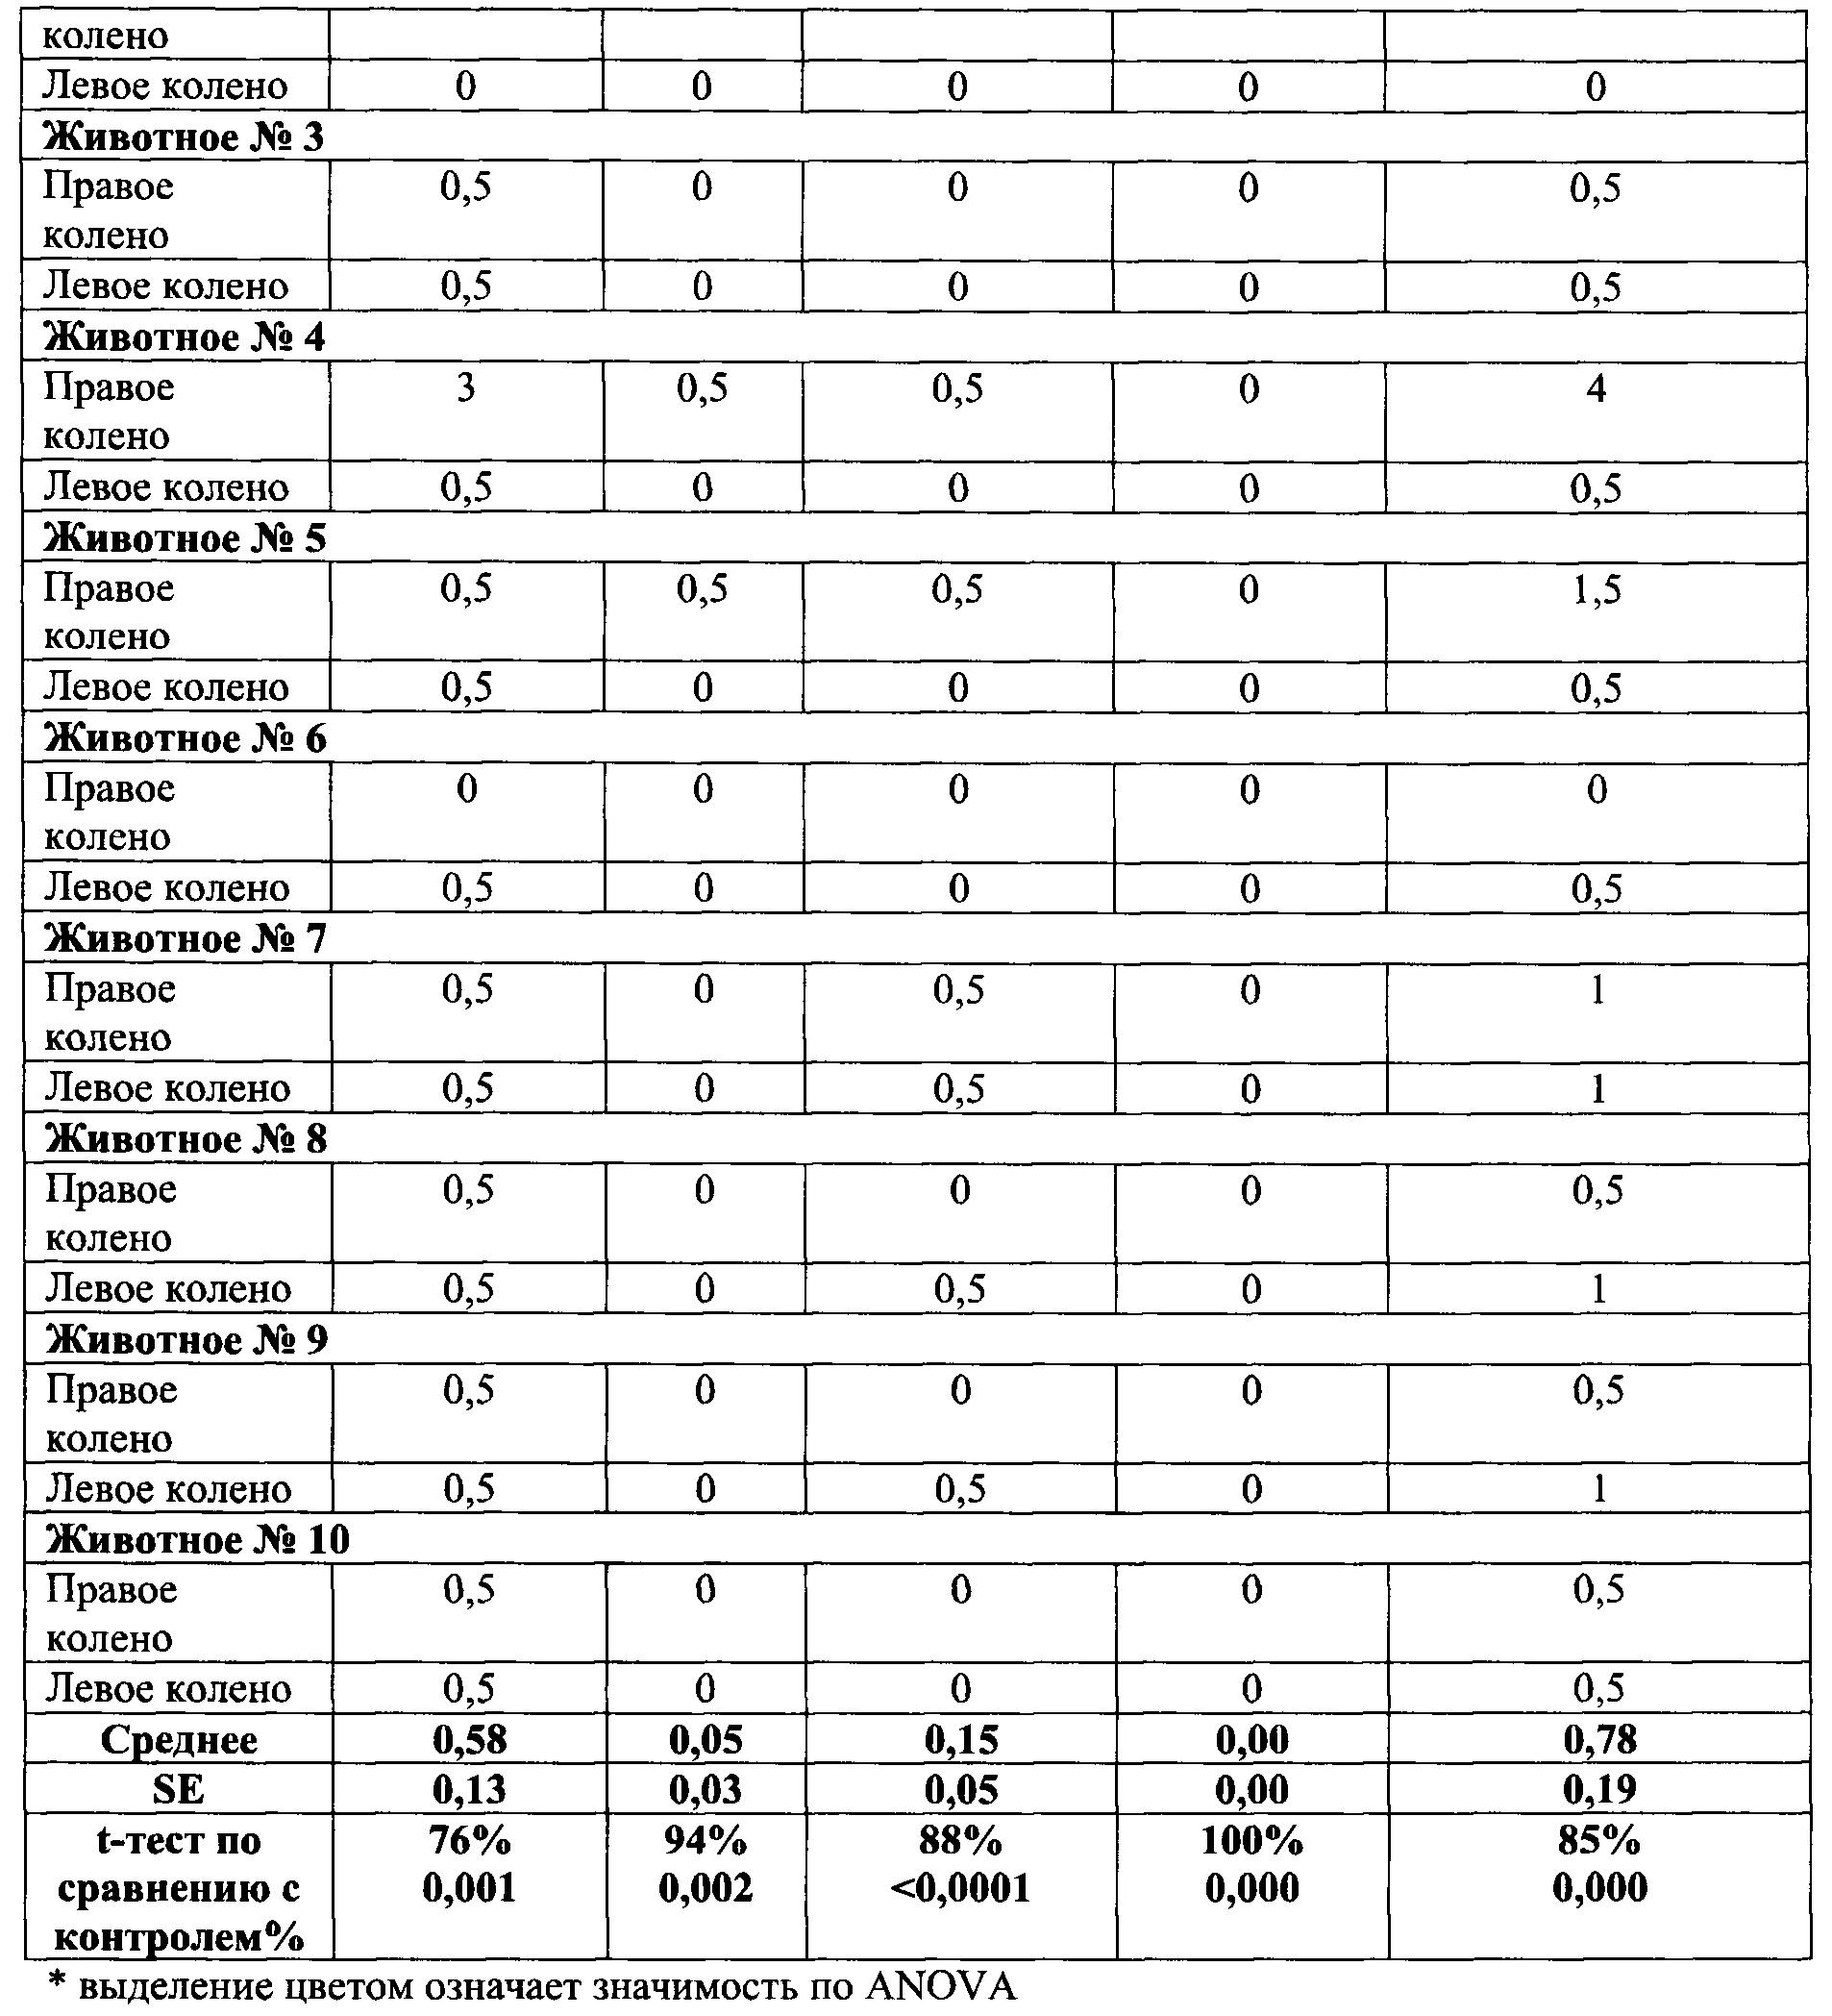 СПОСОБЫ ЛЕЧЕНИЯ МЕТОТРЕКСАТ-УСТОЙЧИВЫХ РАССТРОЙСТВ 10-ПРОПАРГИЛ-10 ...